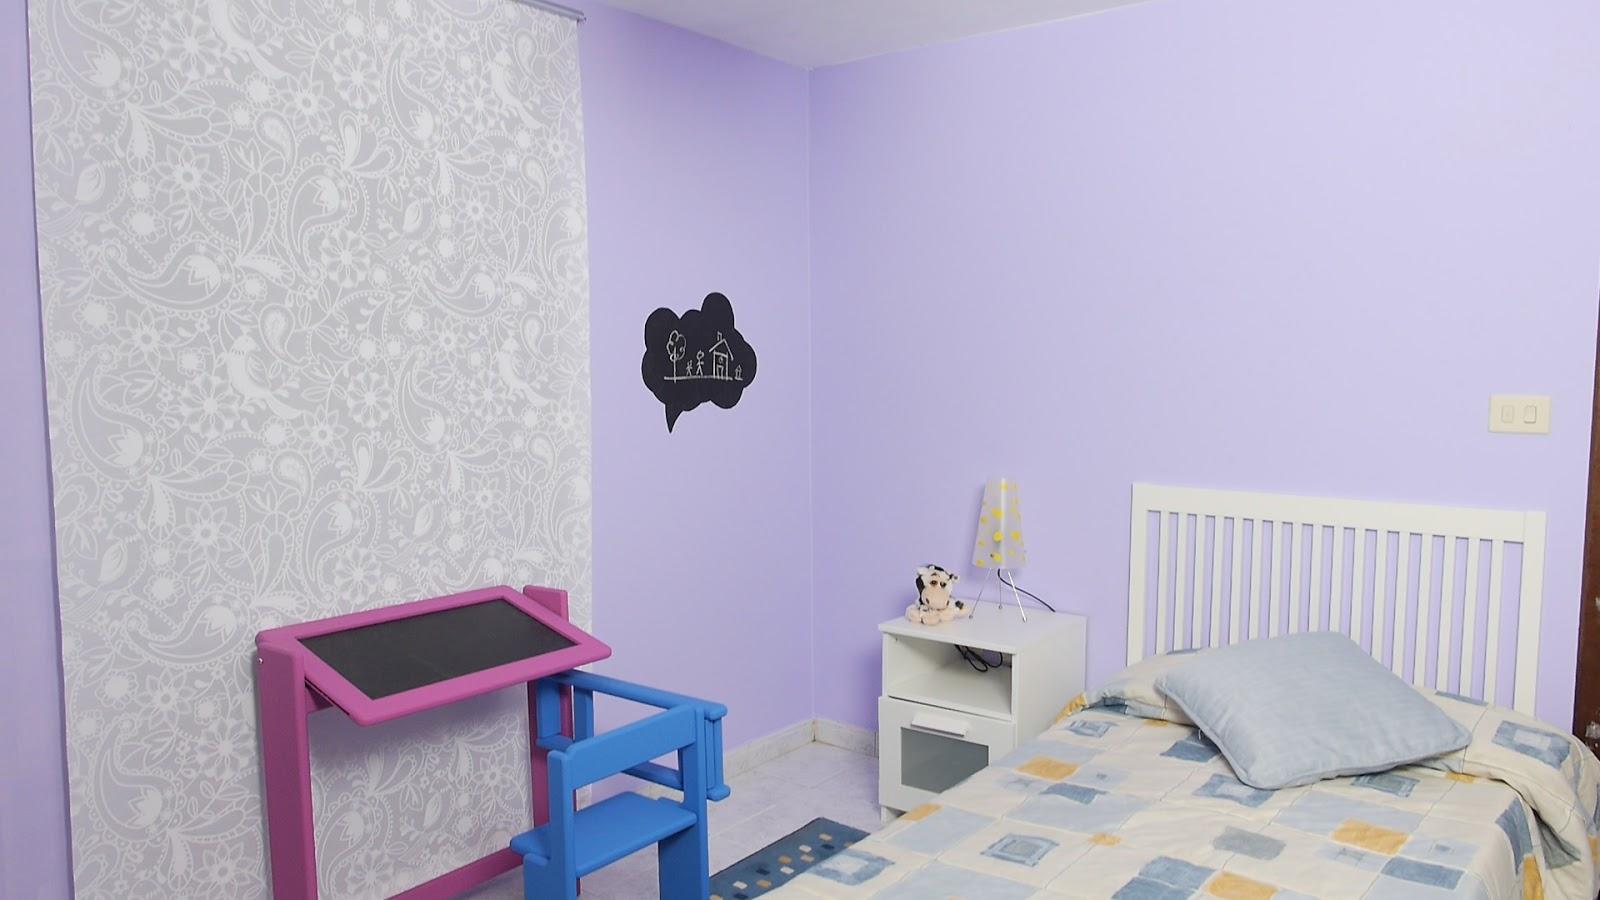 Pinturas adecuadas para habitaciones y muebles para niños  Enredando